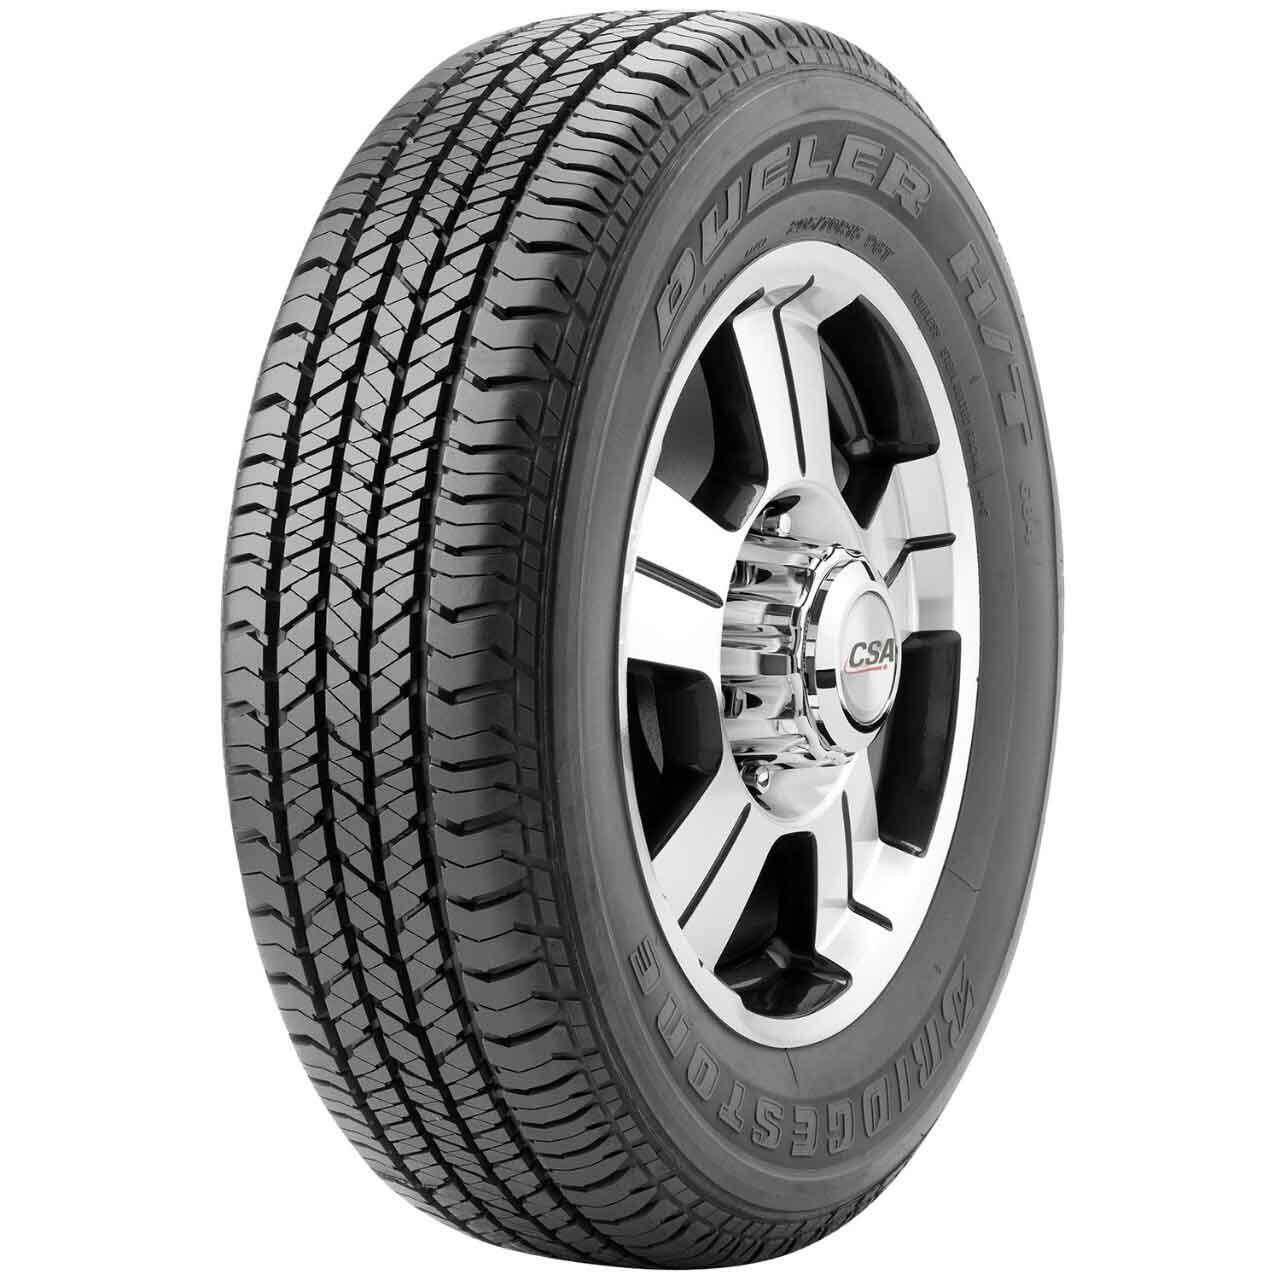 ประกันภัย รถยนต์ 3 พลัส ราคา ถูก สุโขทัย Bridgestone ยางรถยนต์ 255/60R18 DUELER H/T 684II จำนวน 4 เส้น (ยางใหม่ปี 2019)